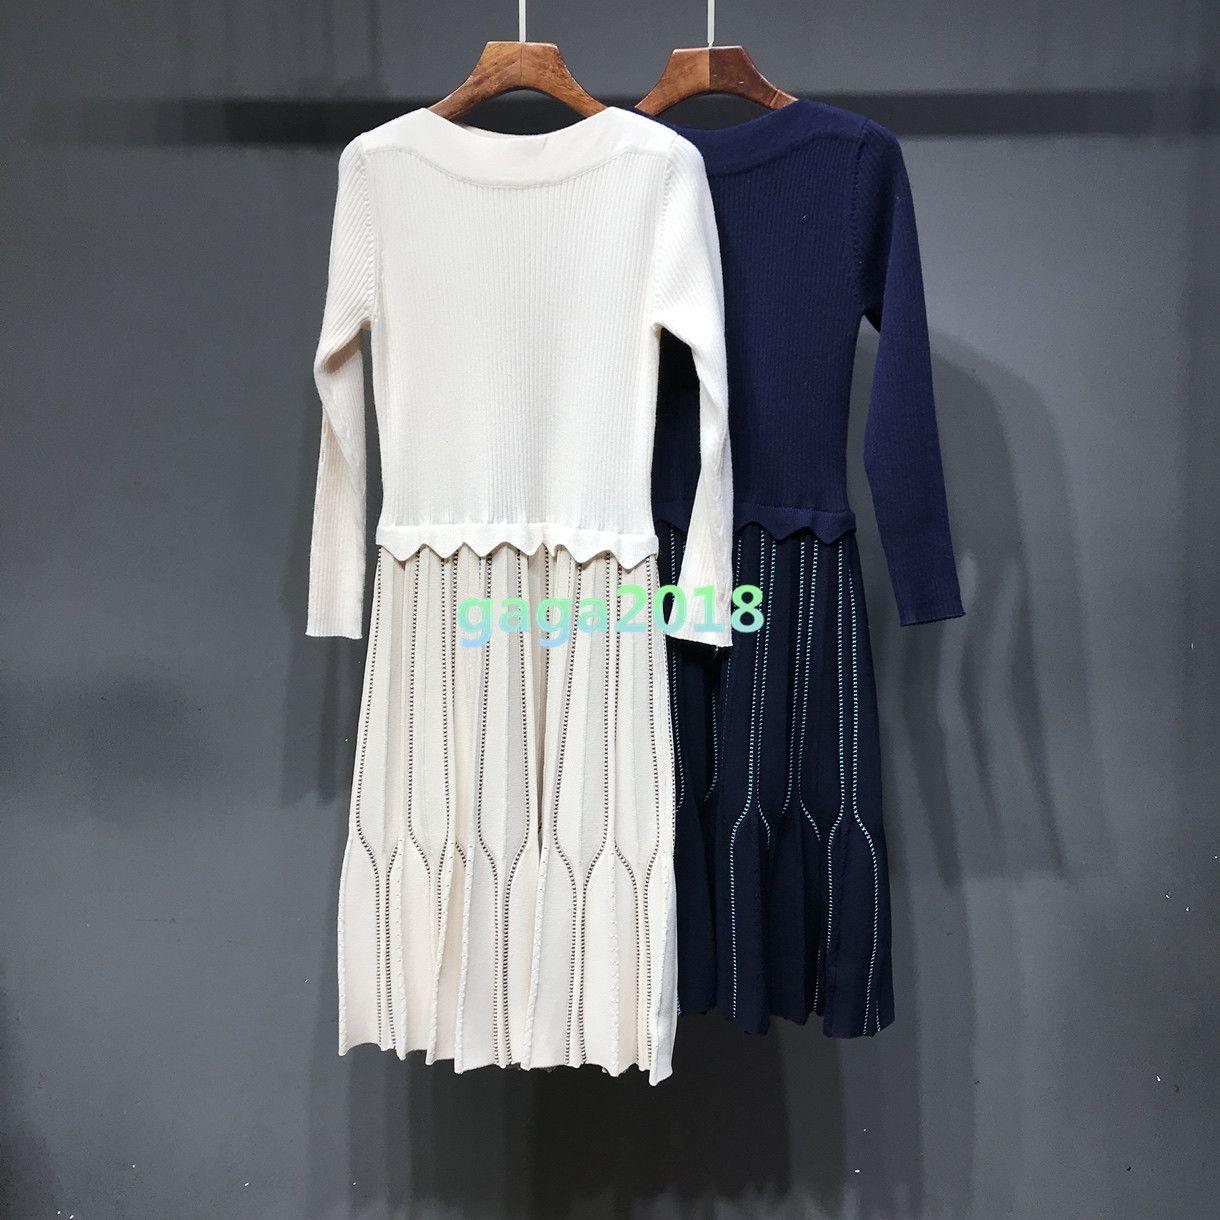 2019 High End Women Girls Short Sleeve Dress Ice Silk Shirt Dress